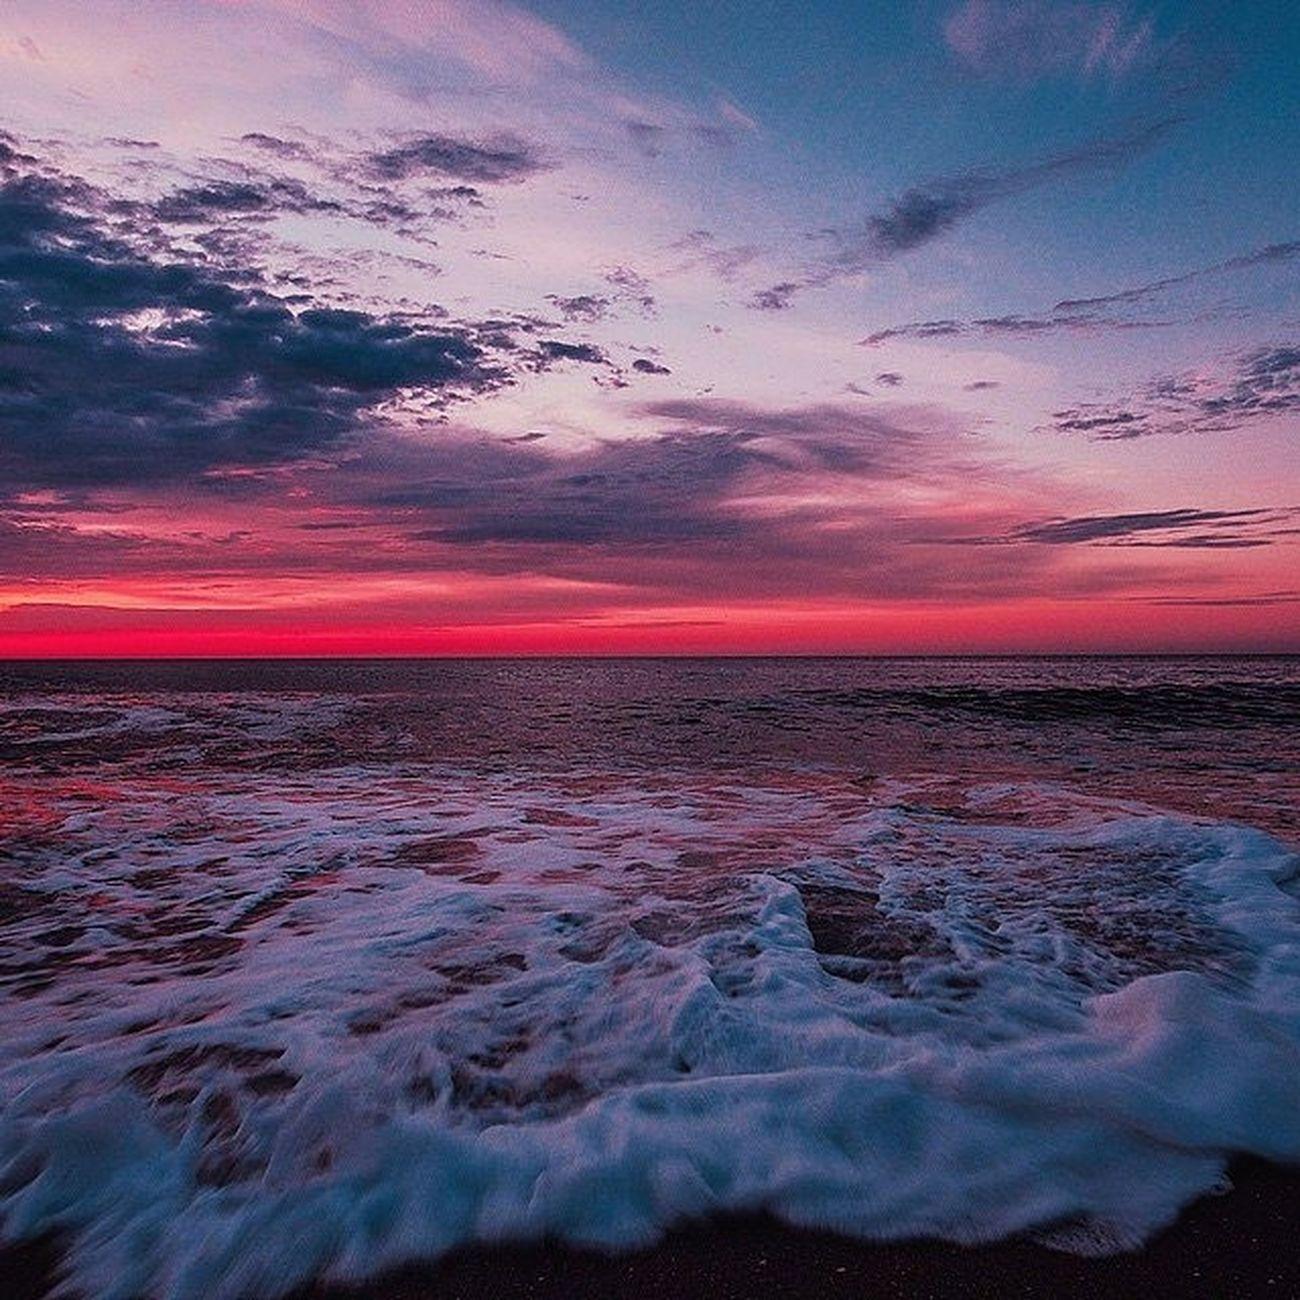 И волны-о берег, и пена кипела. Мне море о чем-то несбыточном пело. сессия_заканчивайся отдых_мне_срочно Baltiysk Sea sunsetserenity